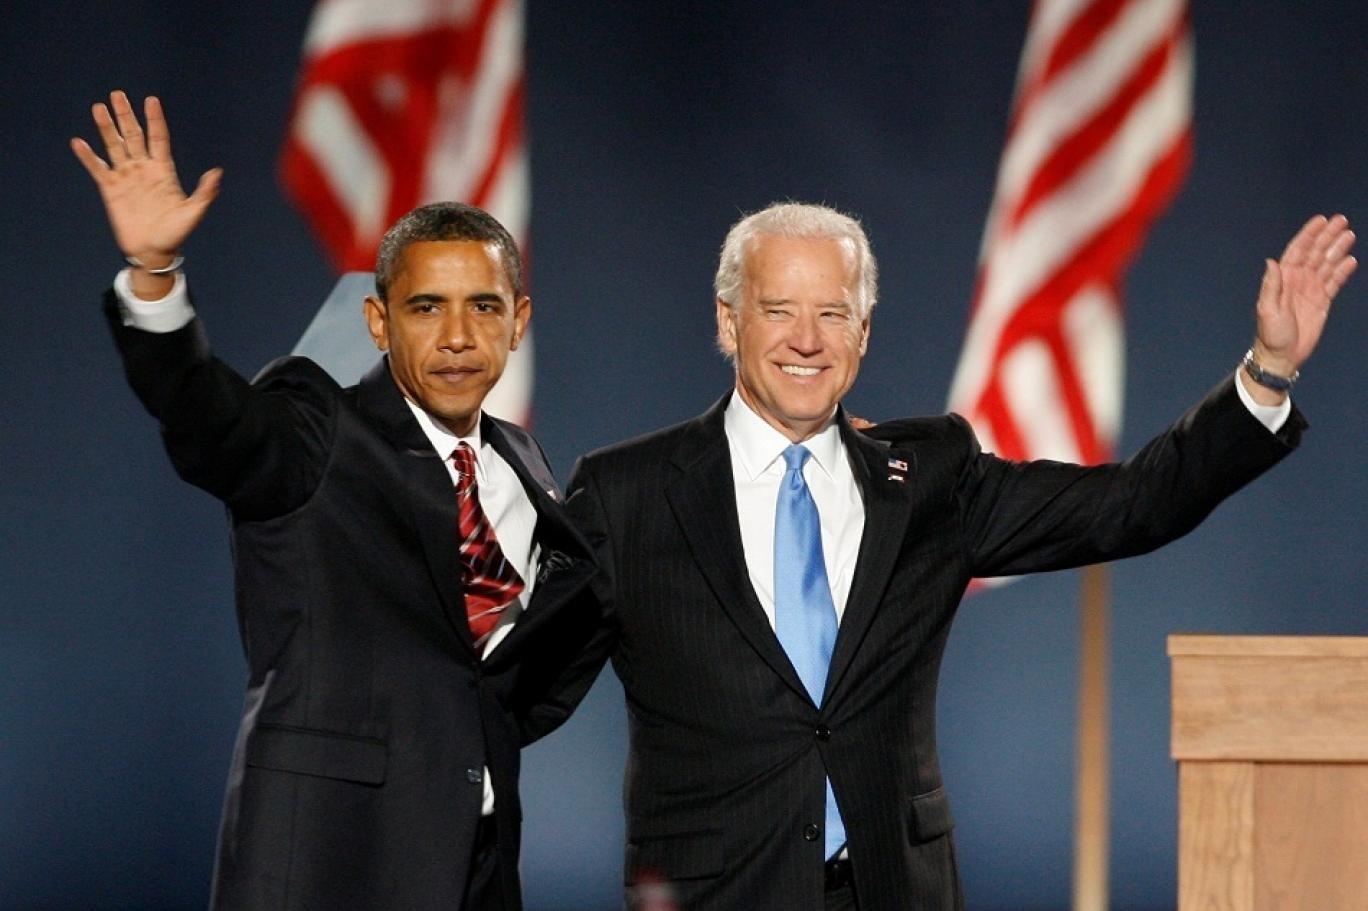 الرئيس الأميركي السابق باراك أوباما والمرشح الديمقراطي للانتخابات الرئاسية جو بايدن